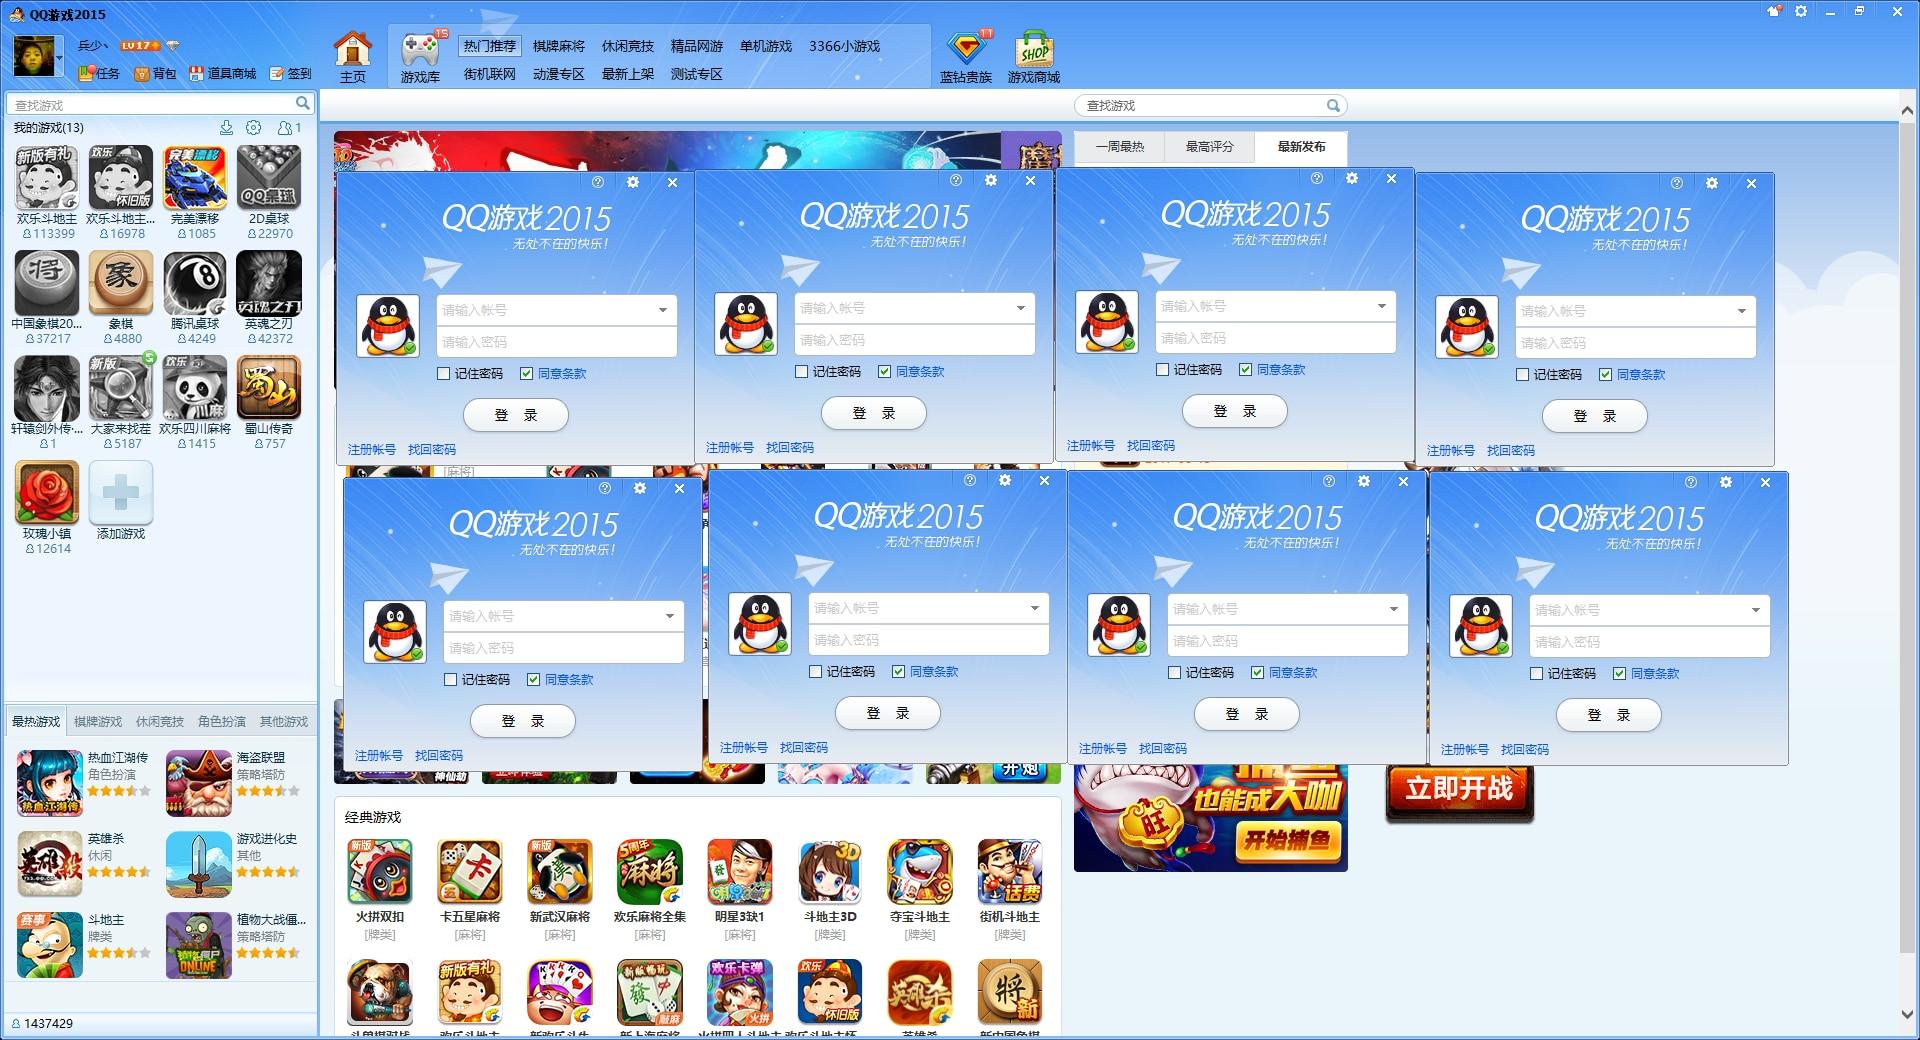 QQ游戏经典-  绿色去广告特别版及怀旧版